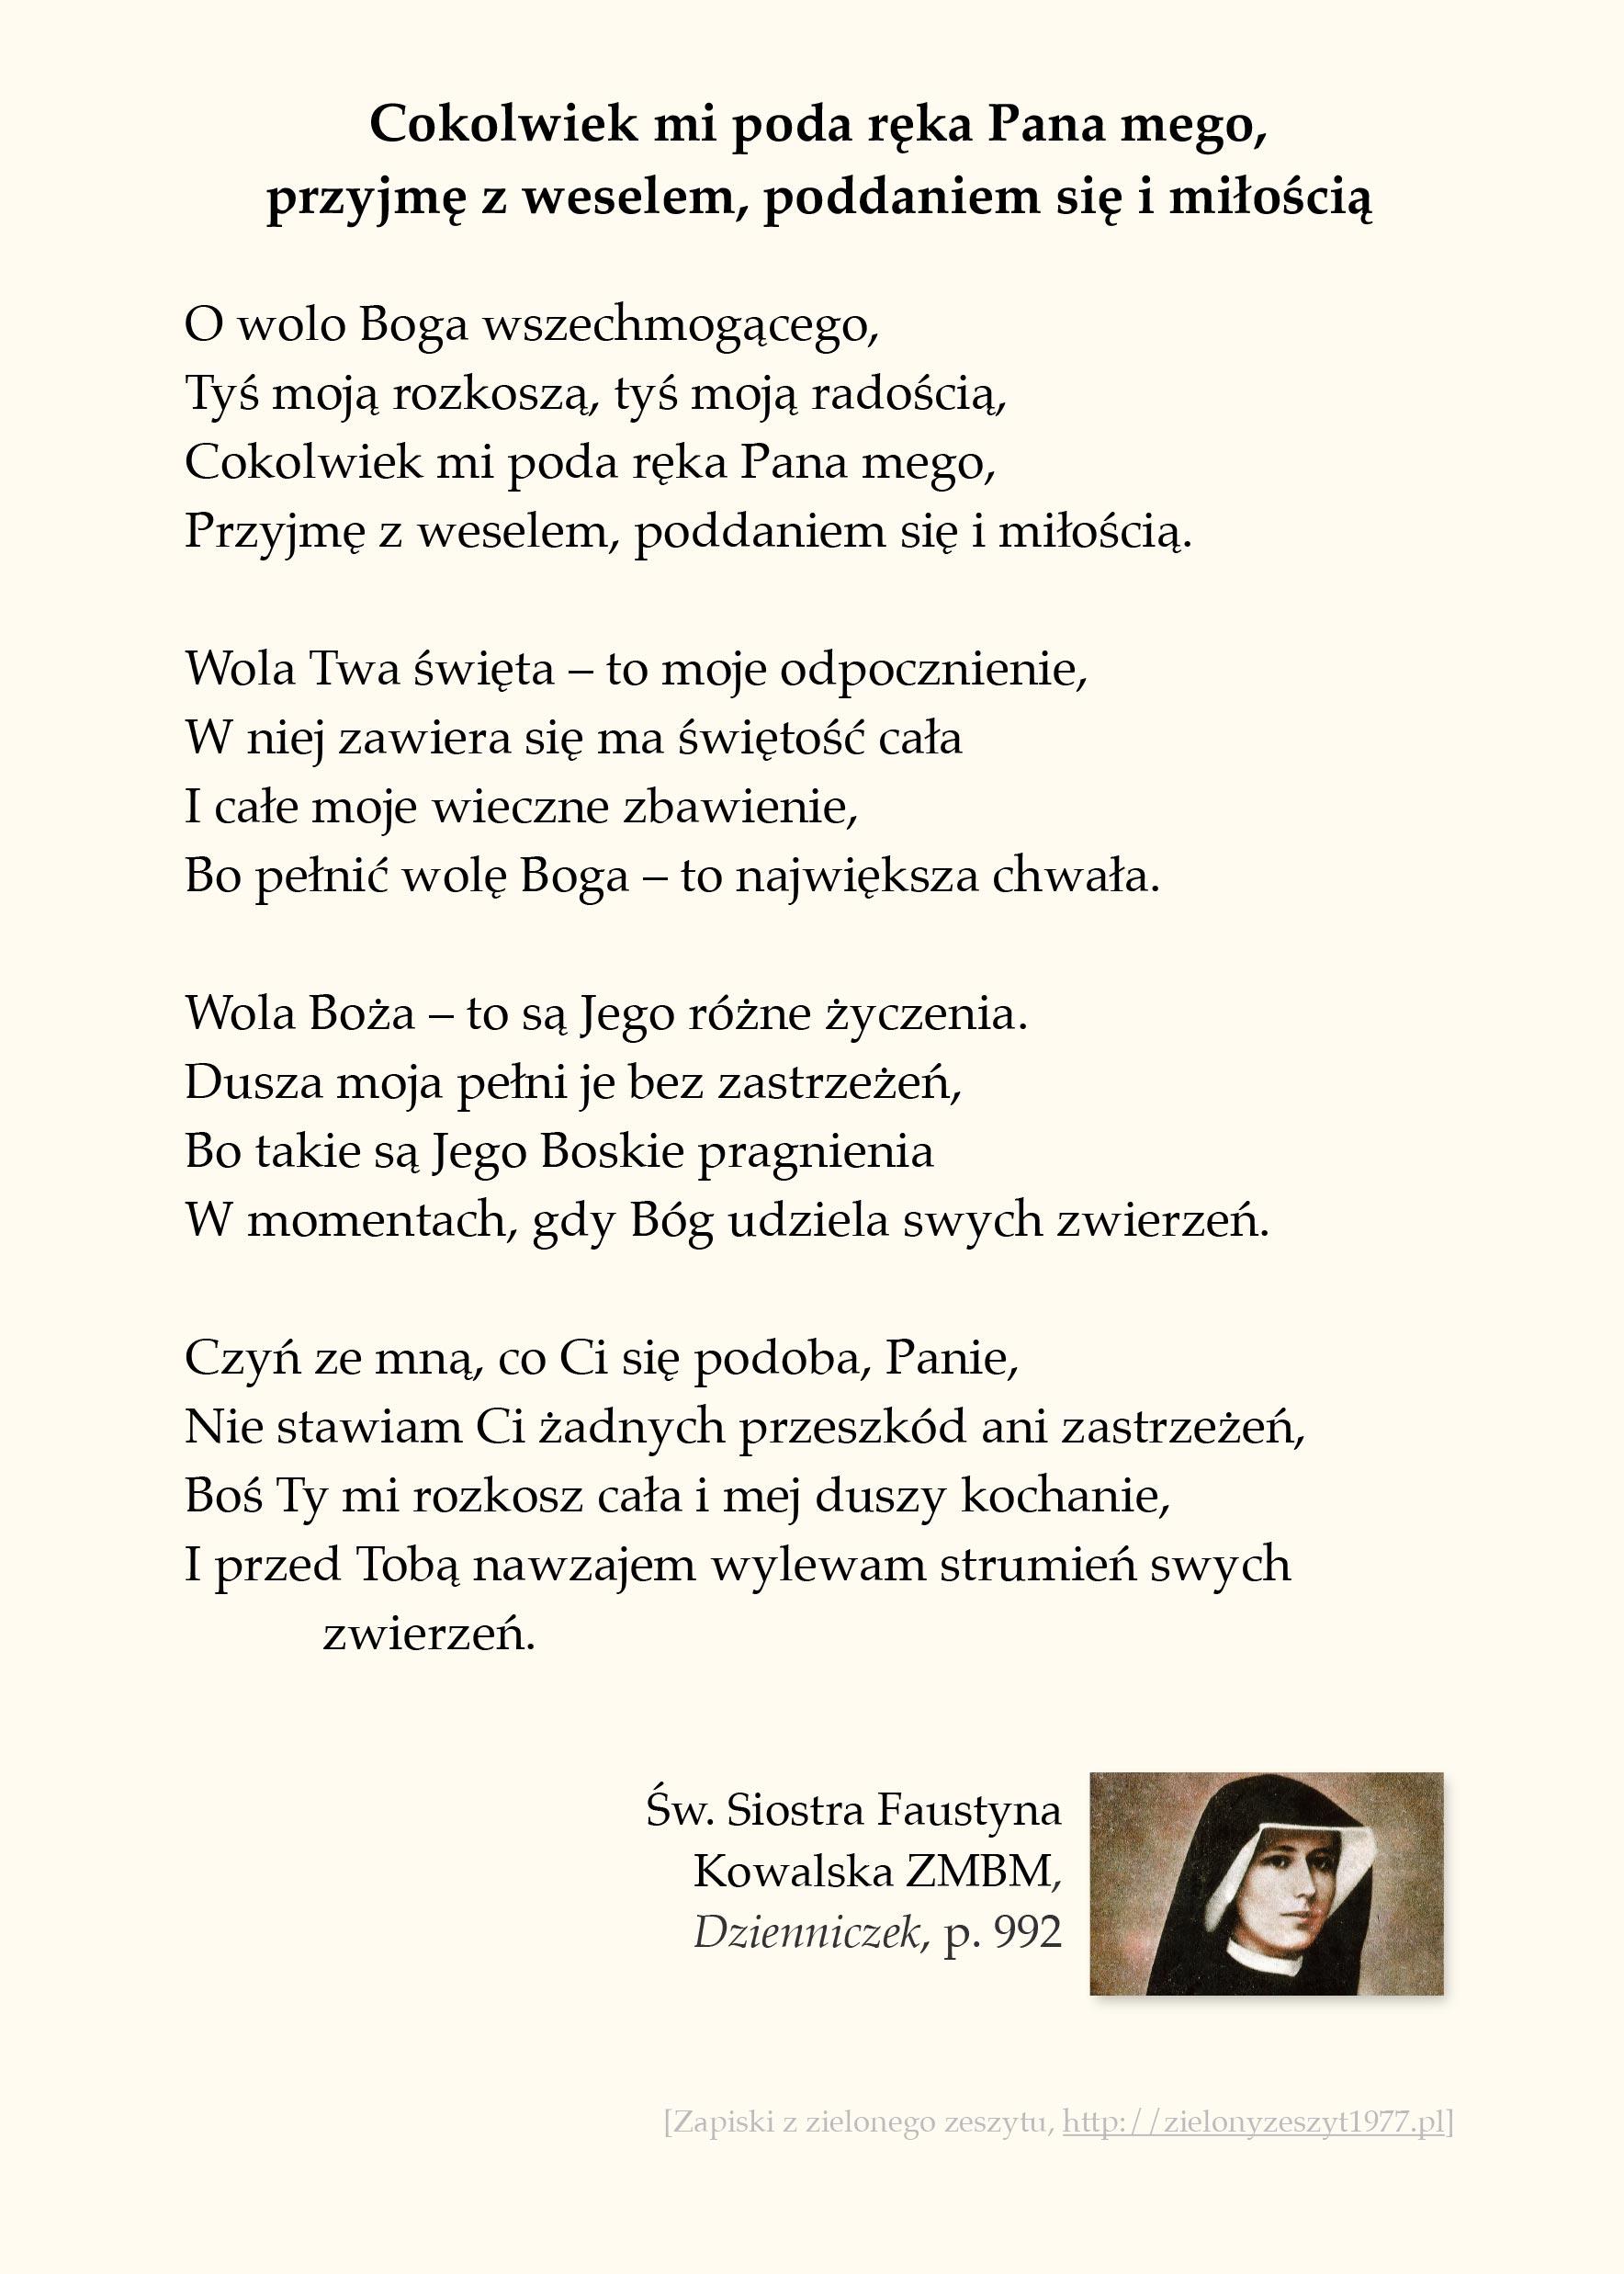 Cokolwiek mi poda ręka Pana mego, przyjmę z weselem, poddaniem się i miłością; św. Faustyna Kowalska